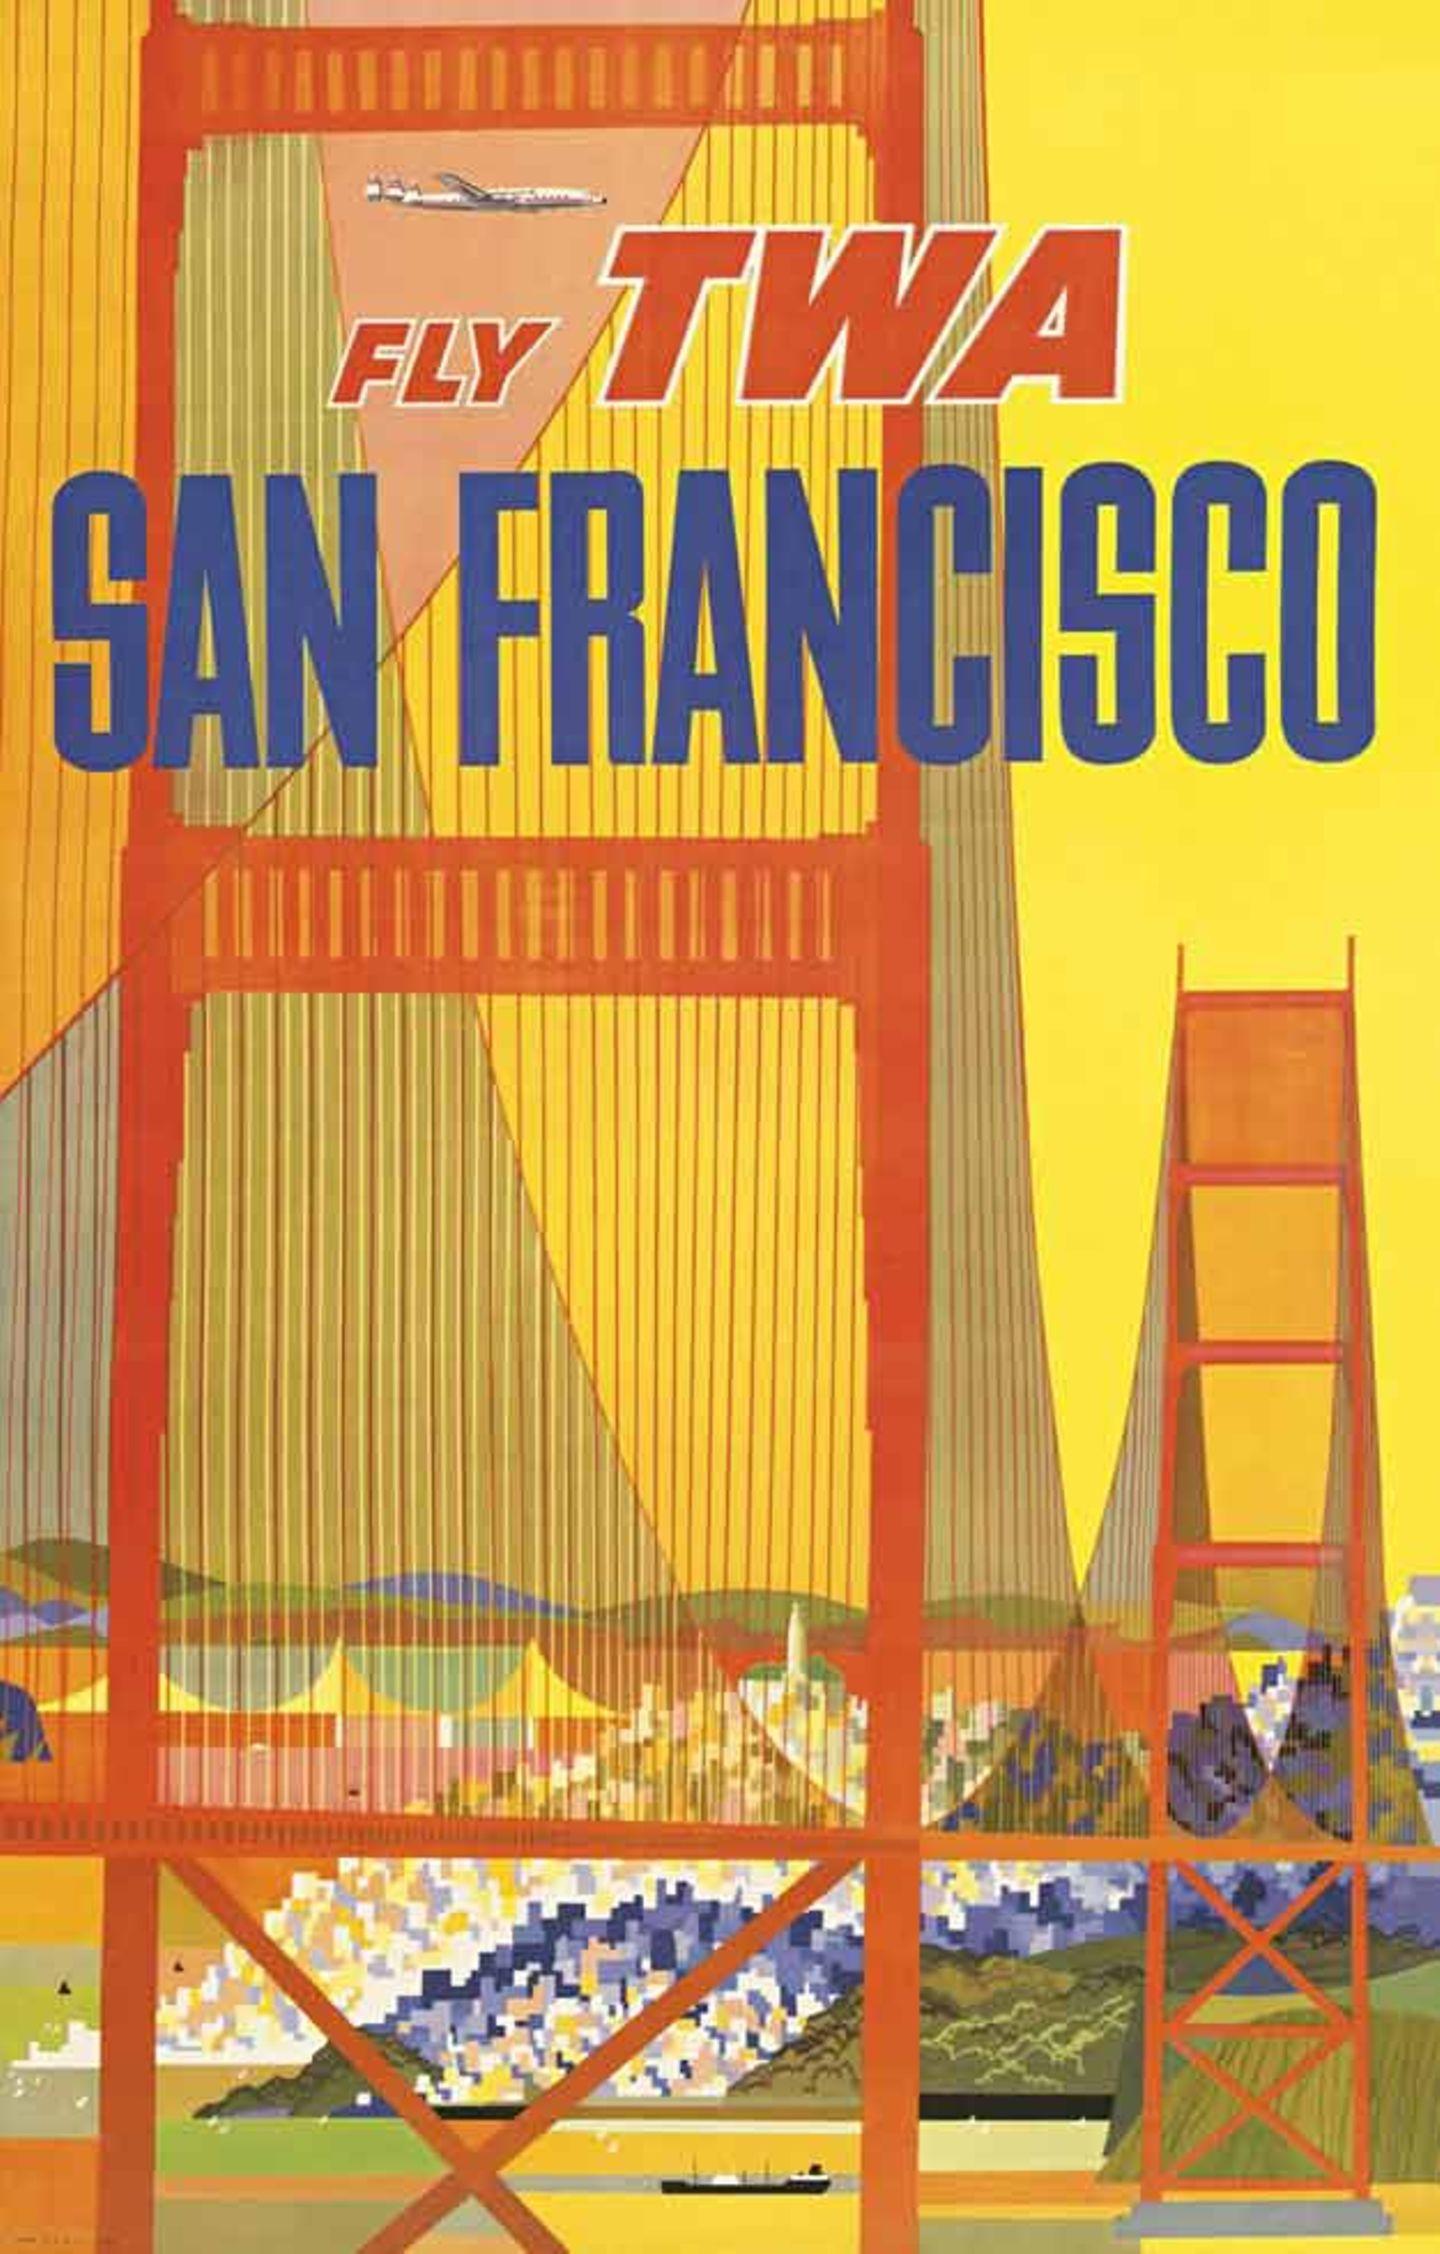 Eine weiteres Poster von David Klein: Bei dem Motiv aus dem Jahre 1957 durchkreuzt noch eine Lockheed Constellation den Plakathimmel.